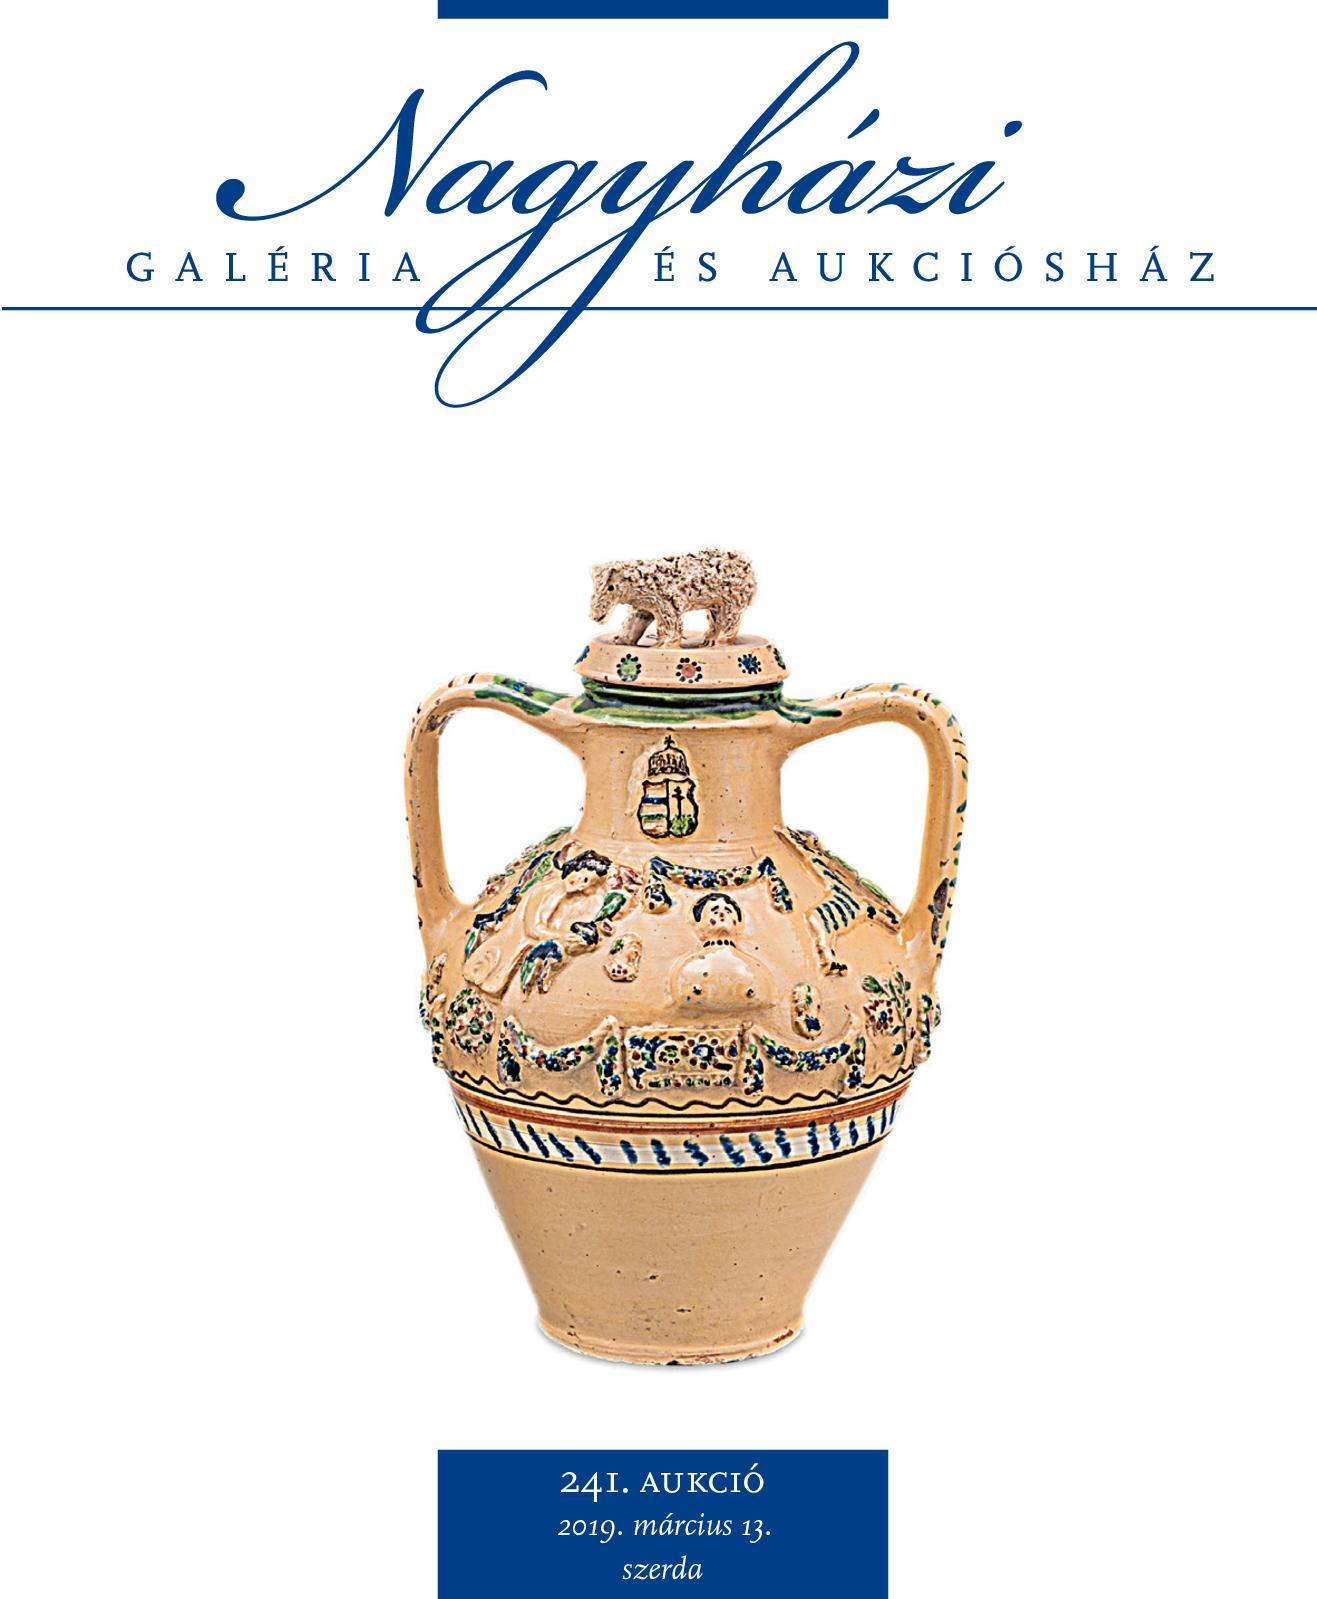 Nagyházi Galéria és Aukciósház - 241. aukció